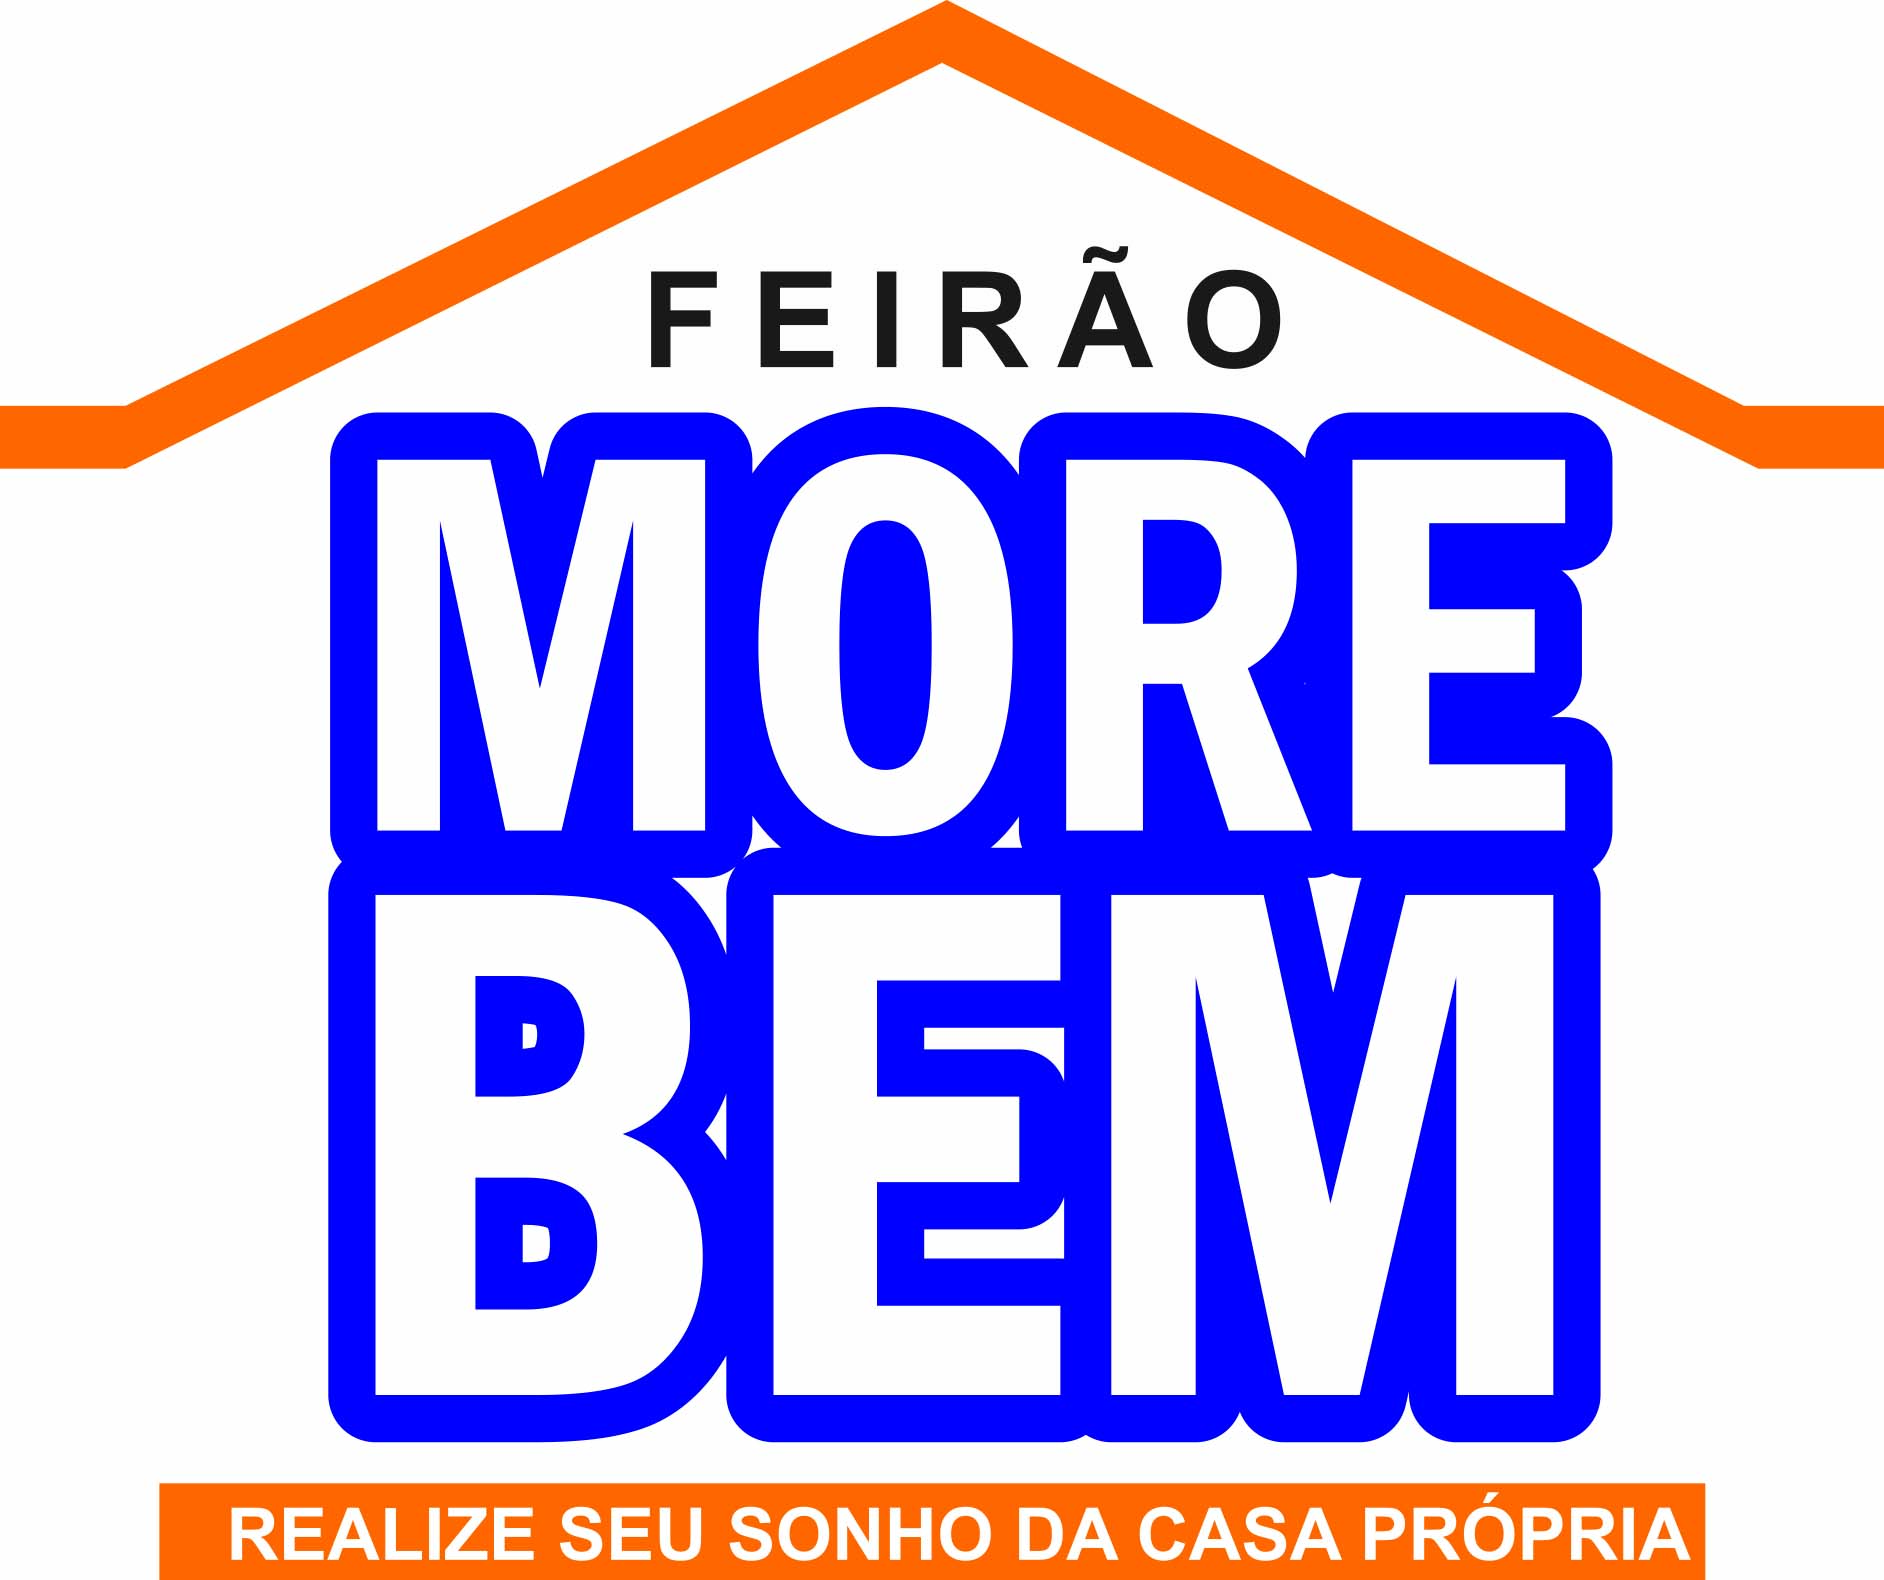 LOGO FEIRAO MORE BEM.cdr